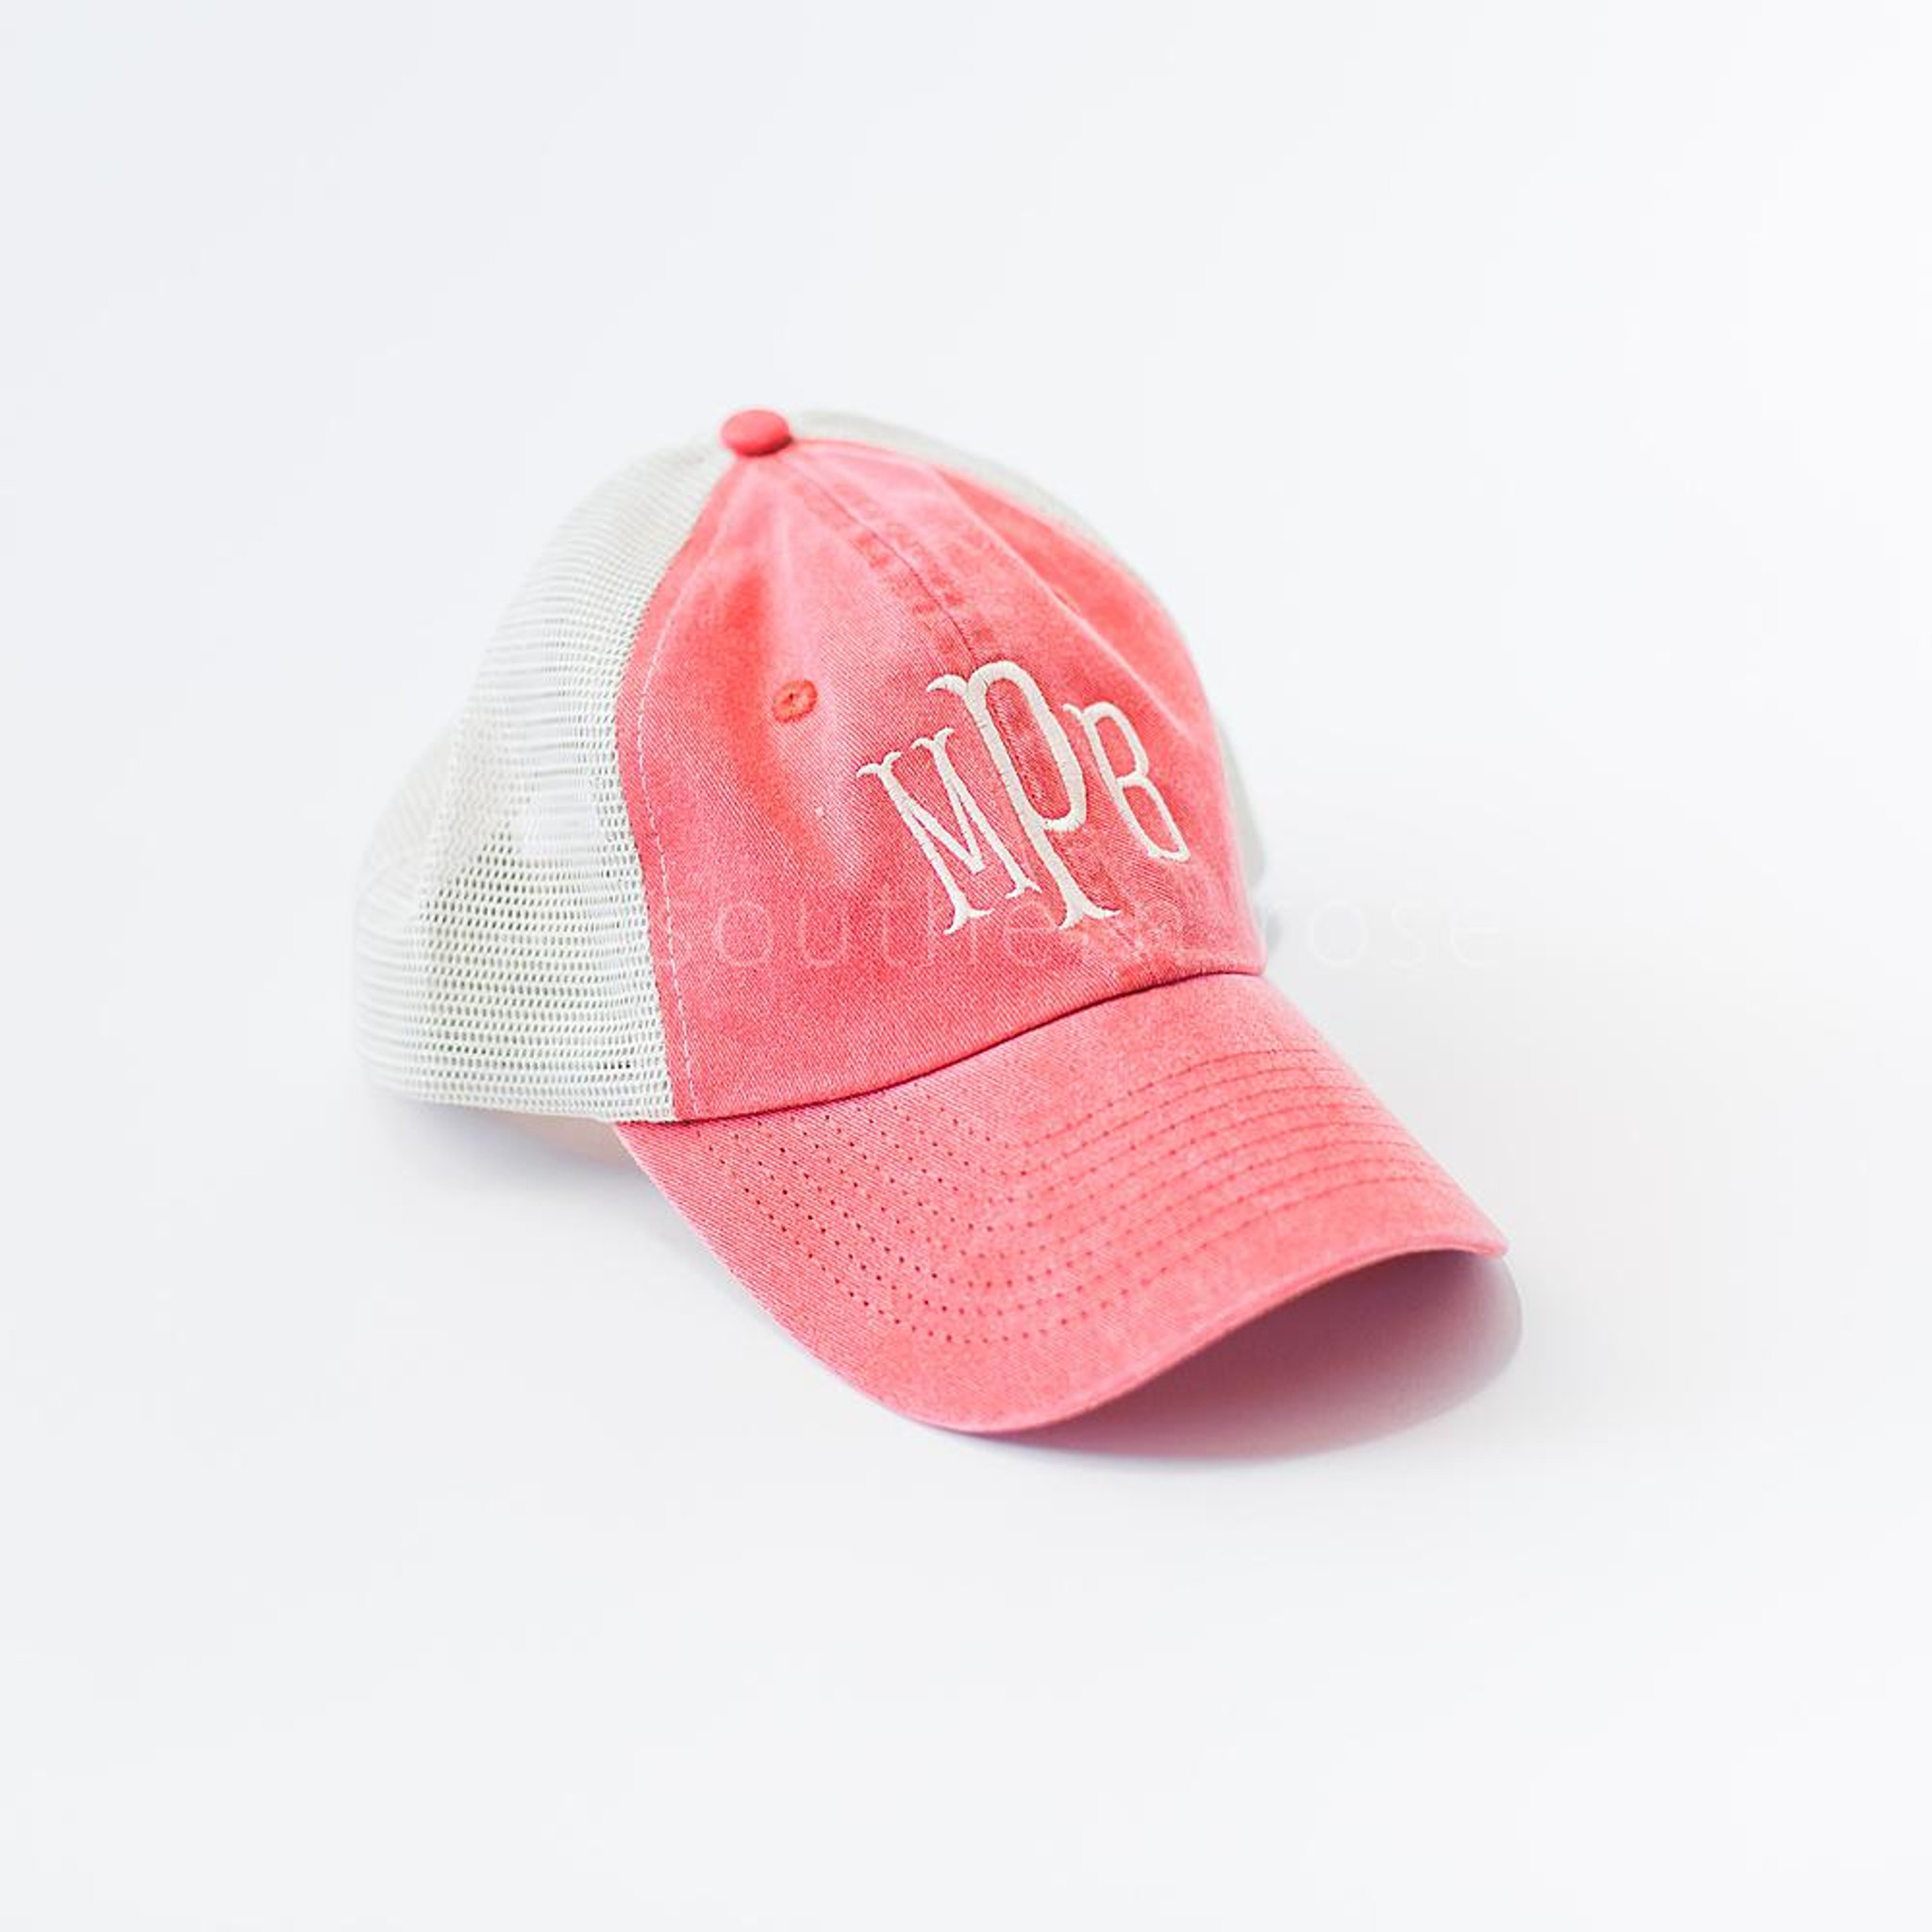 Monogrammed Trucker Hat - Red